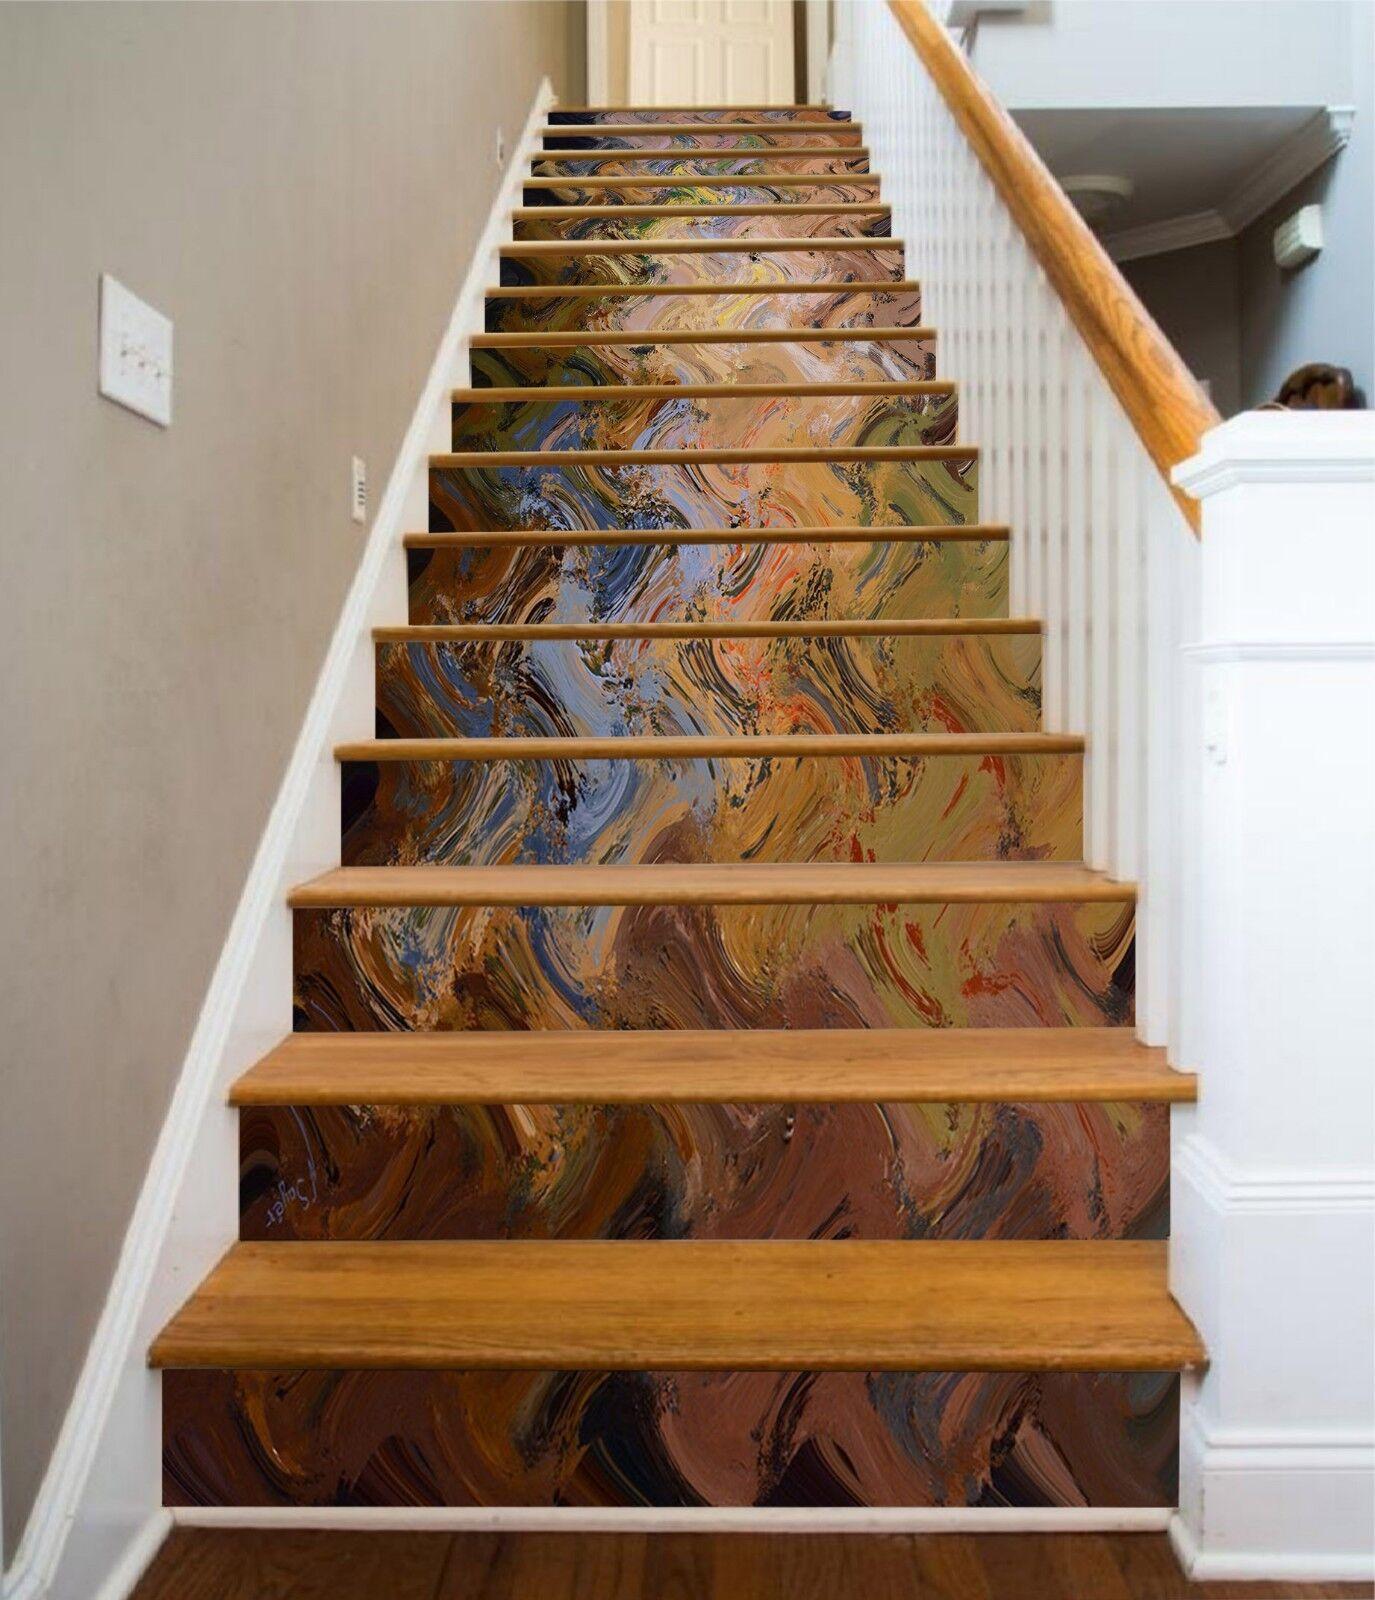 3D Palette Welle 74 Fliese Marmor Stair Risers Fototapete Vinyl Aufkleber Tapete